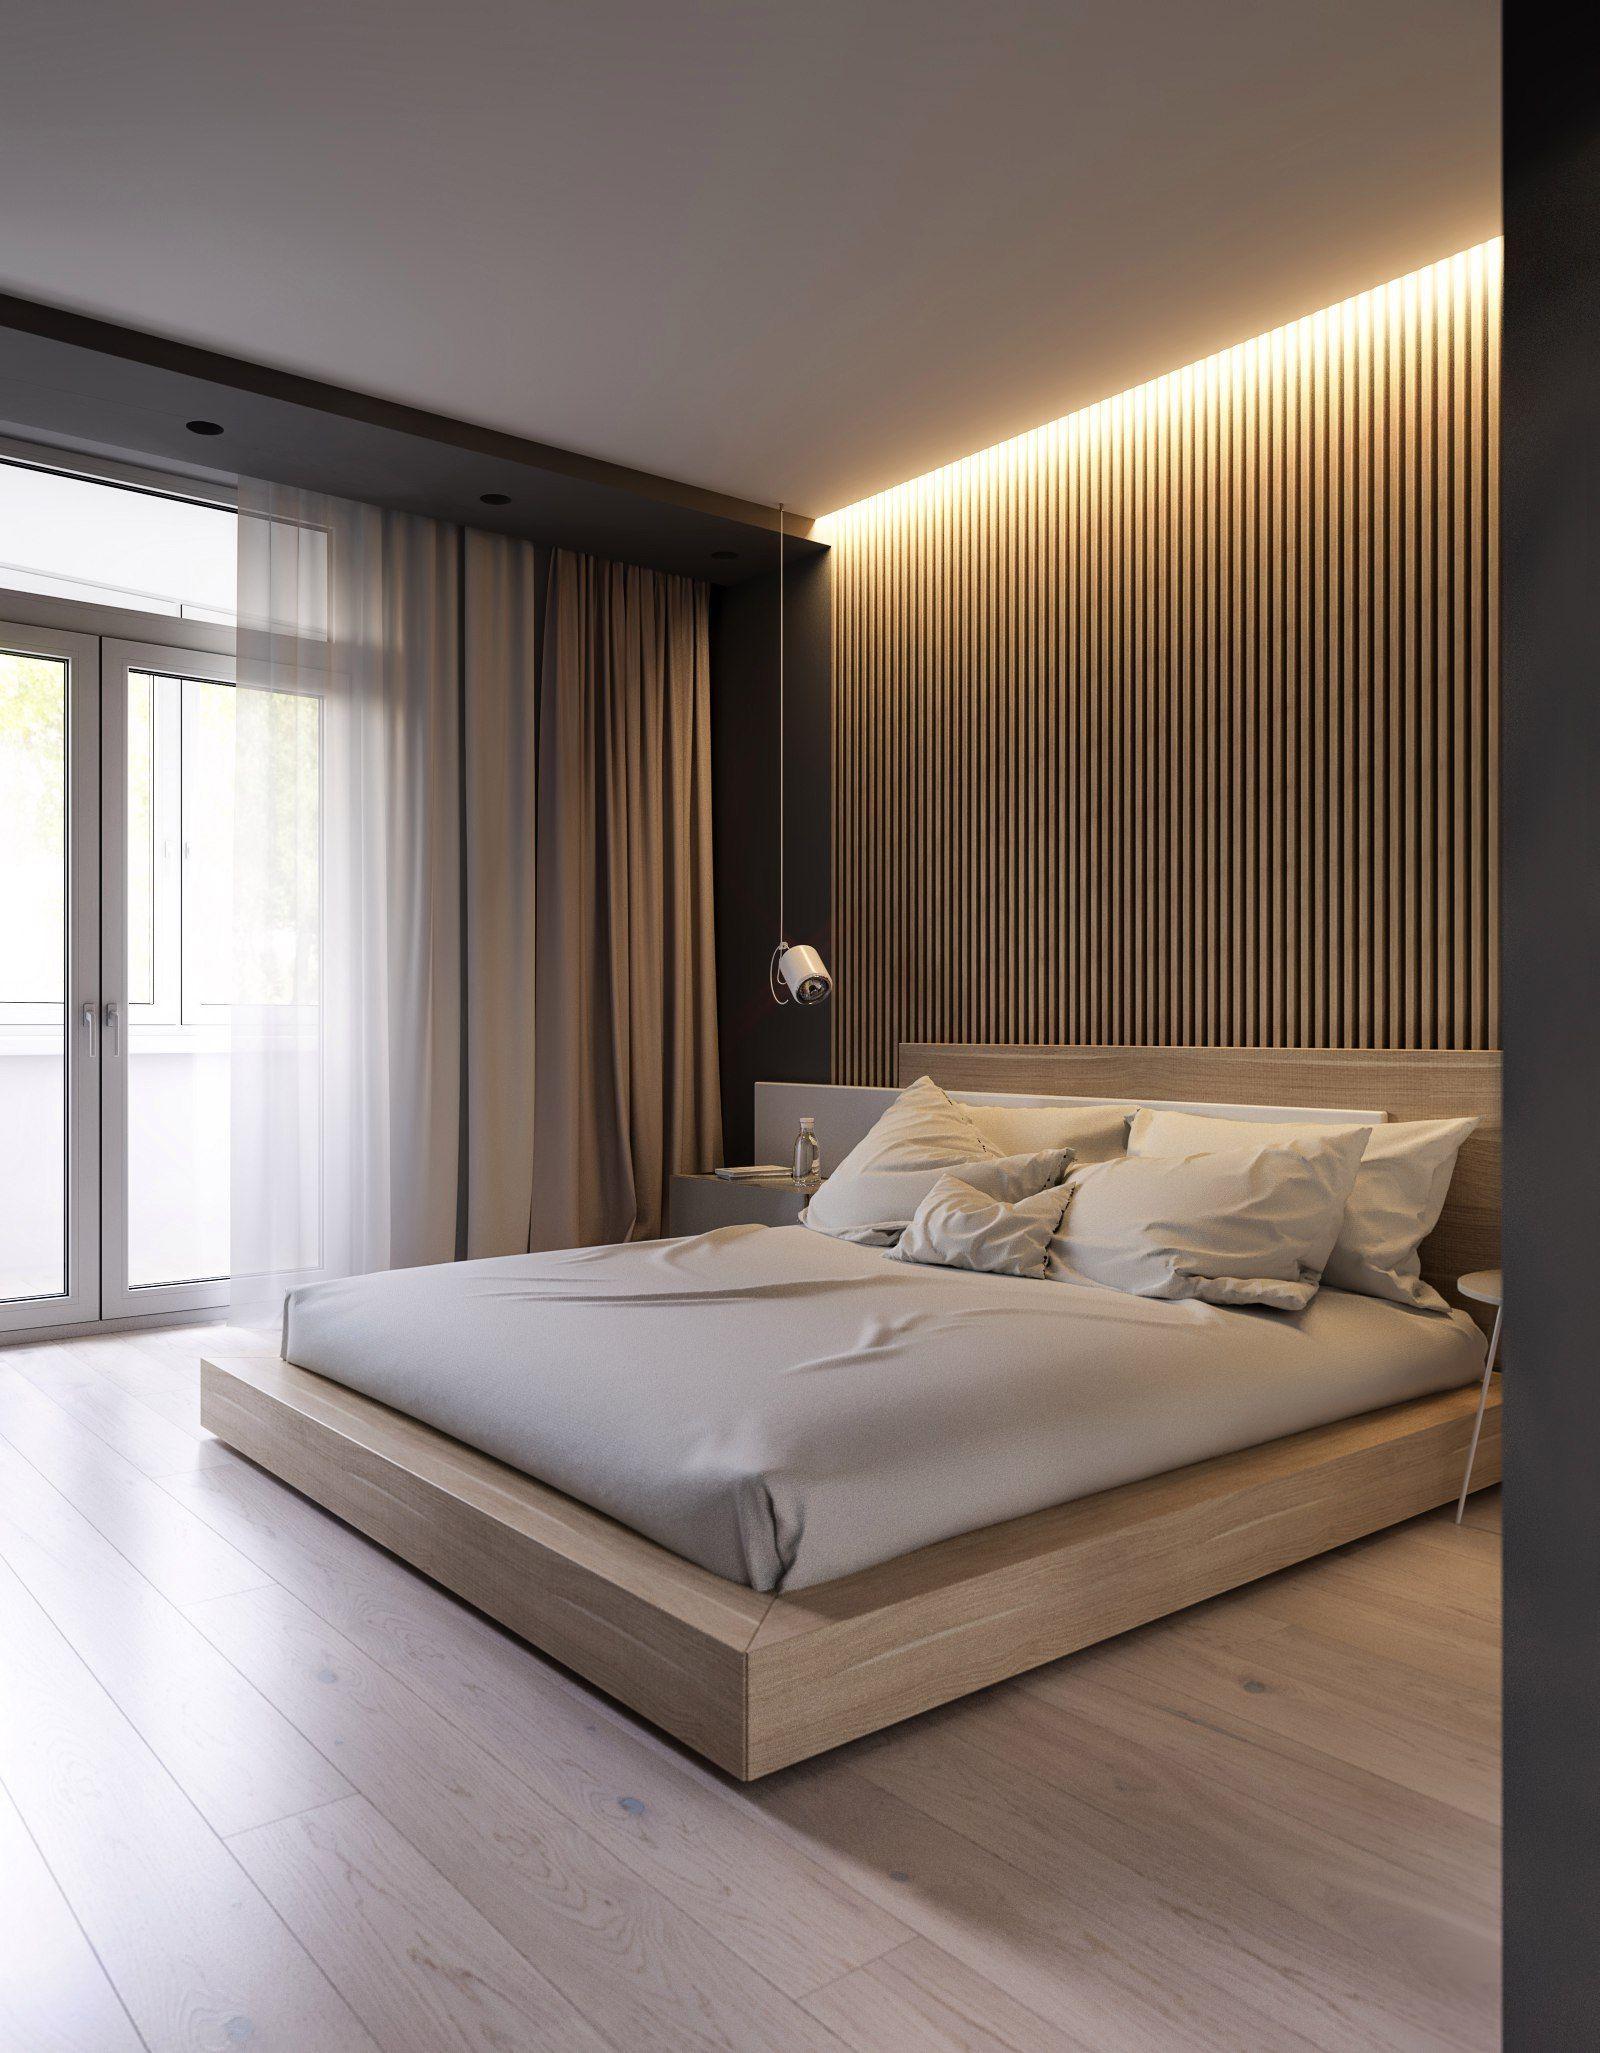 Nội thất gỗ công nghiệp màu nhạt nhẹ nhàng